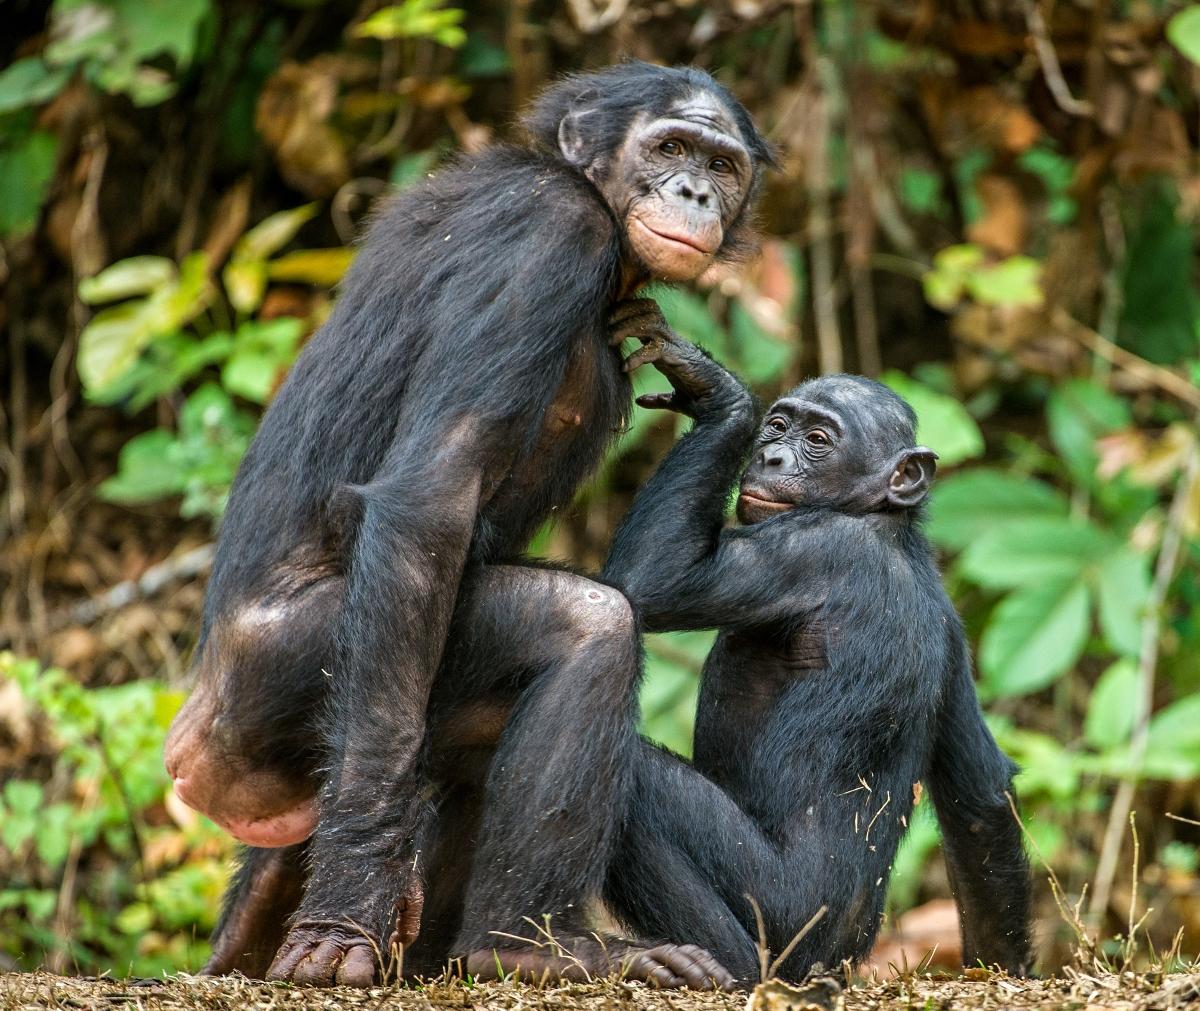 Шимпанзетата са известни с това, че правят секс за удоволствие. Освен това го правят по много и си падат по отворените връзки.